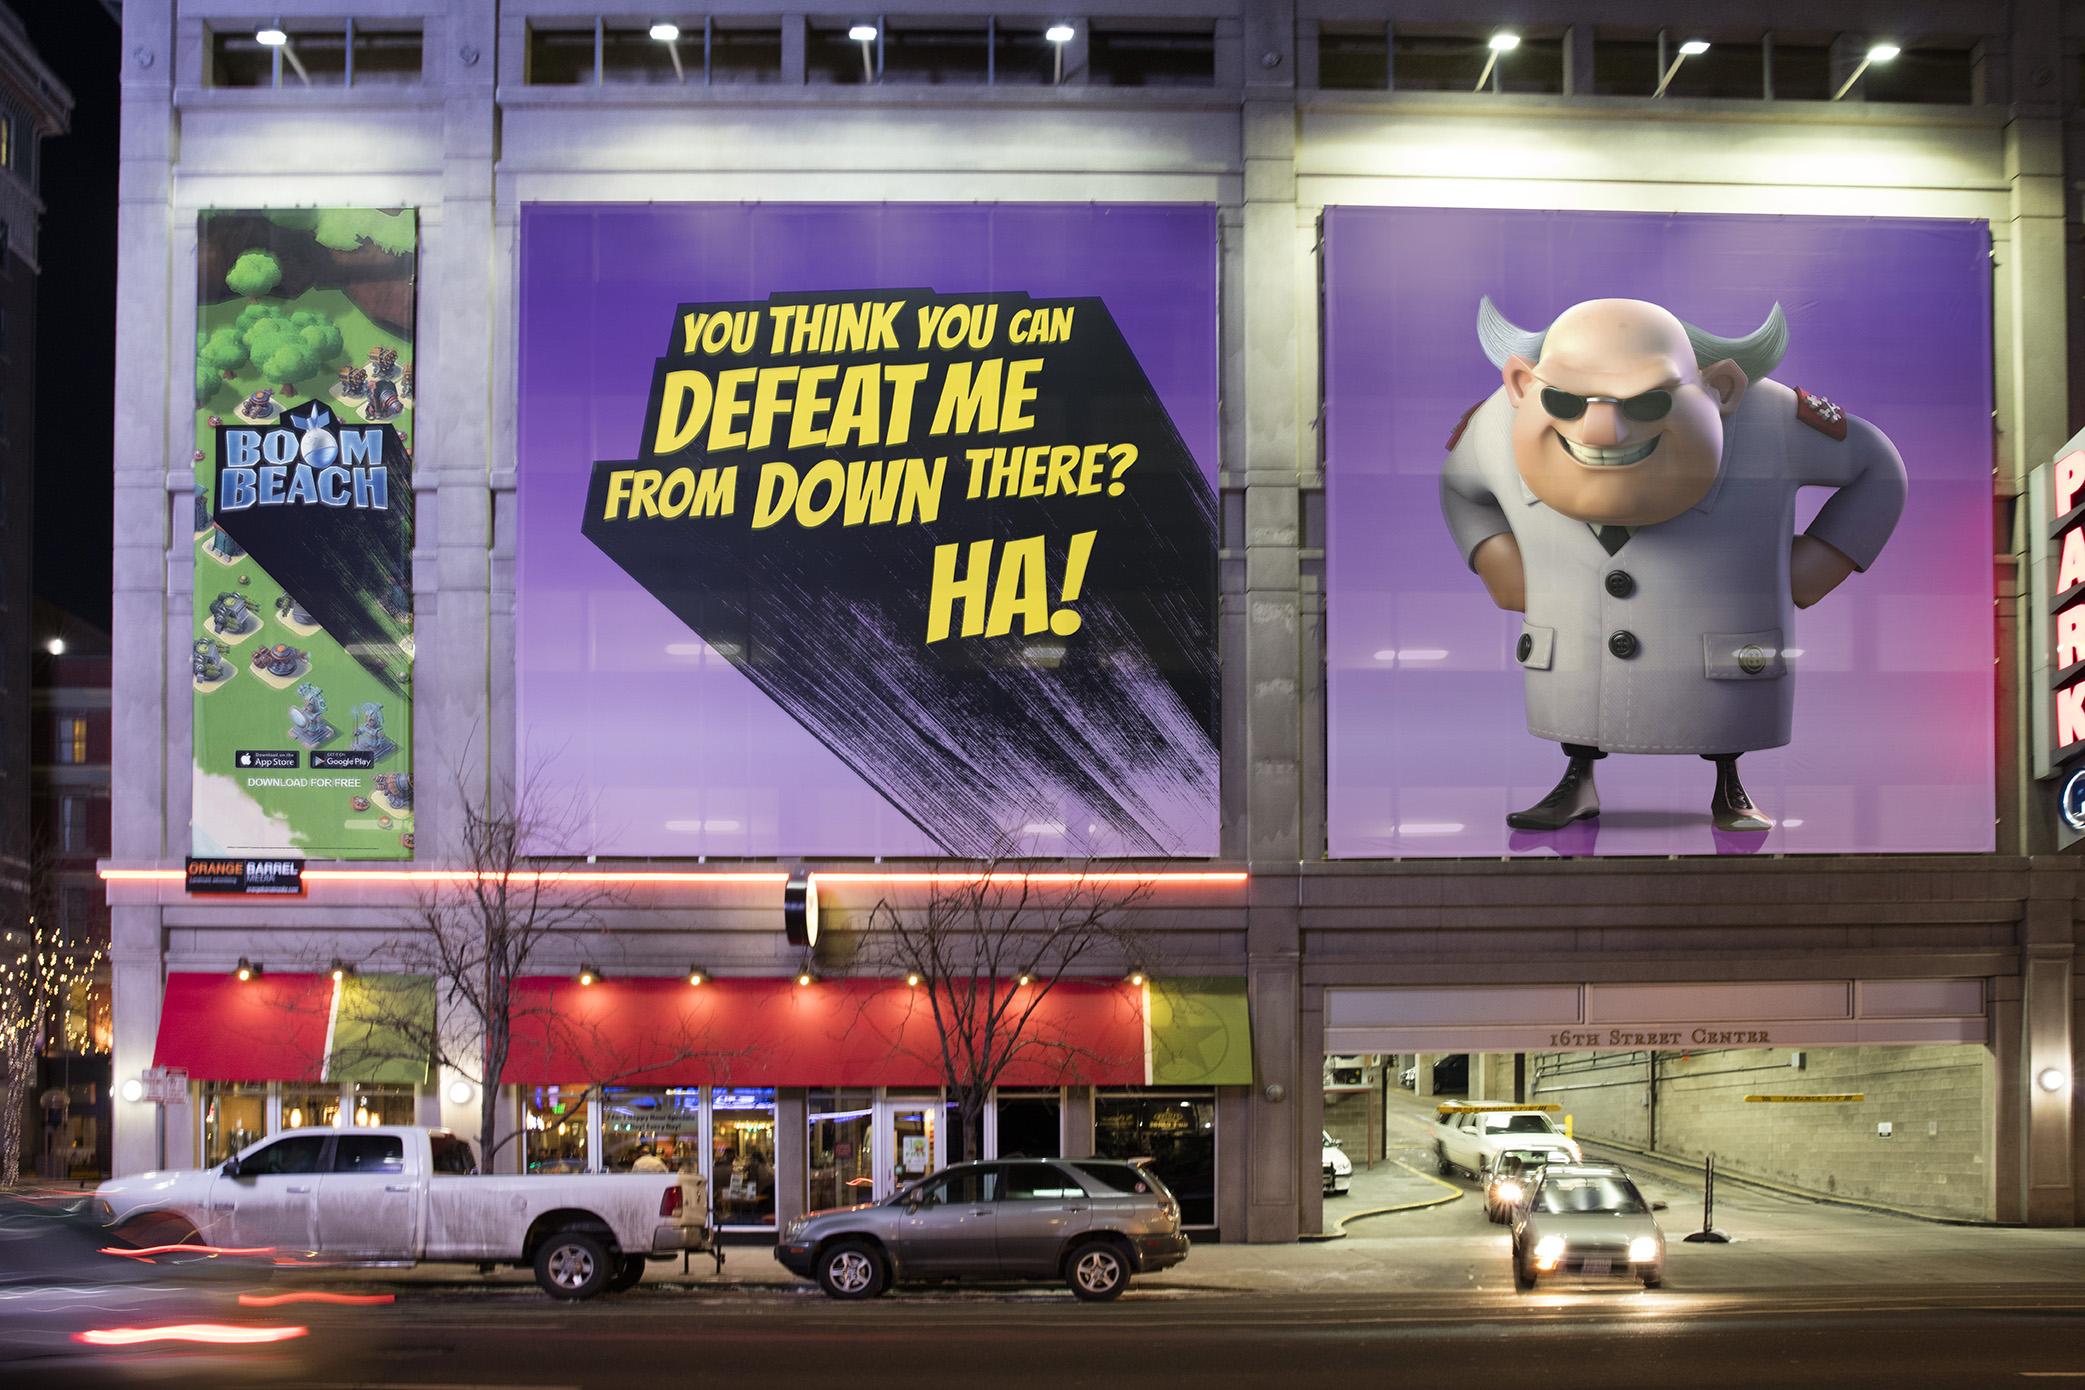 BoomBeach_OOH_Denver_0V5A0696_LowRes.jpg